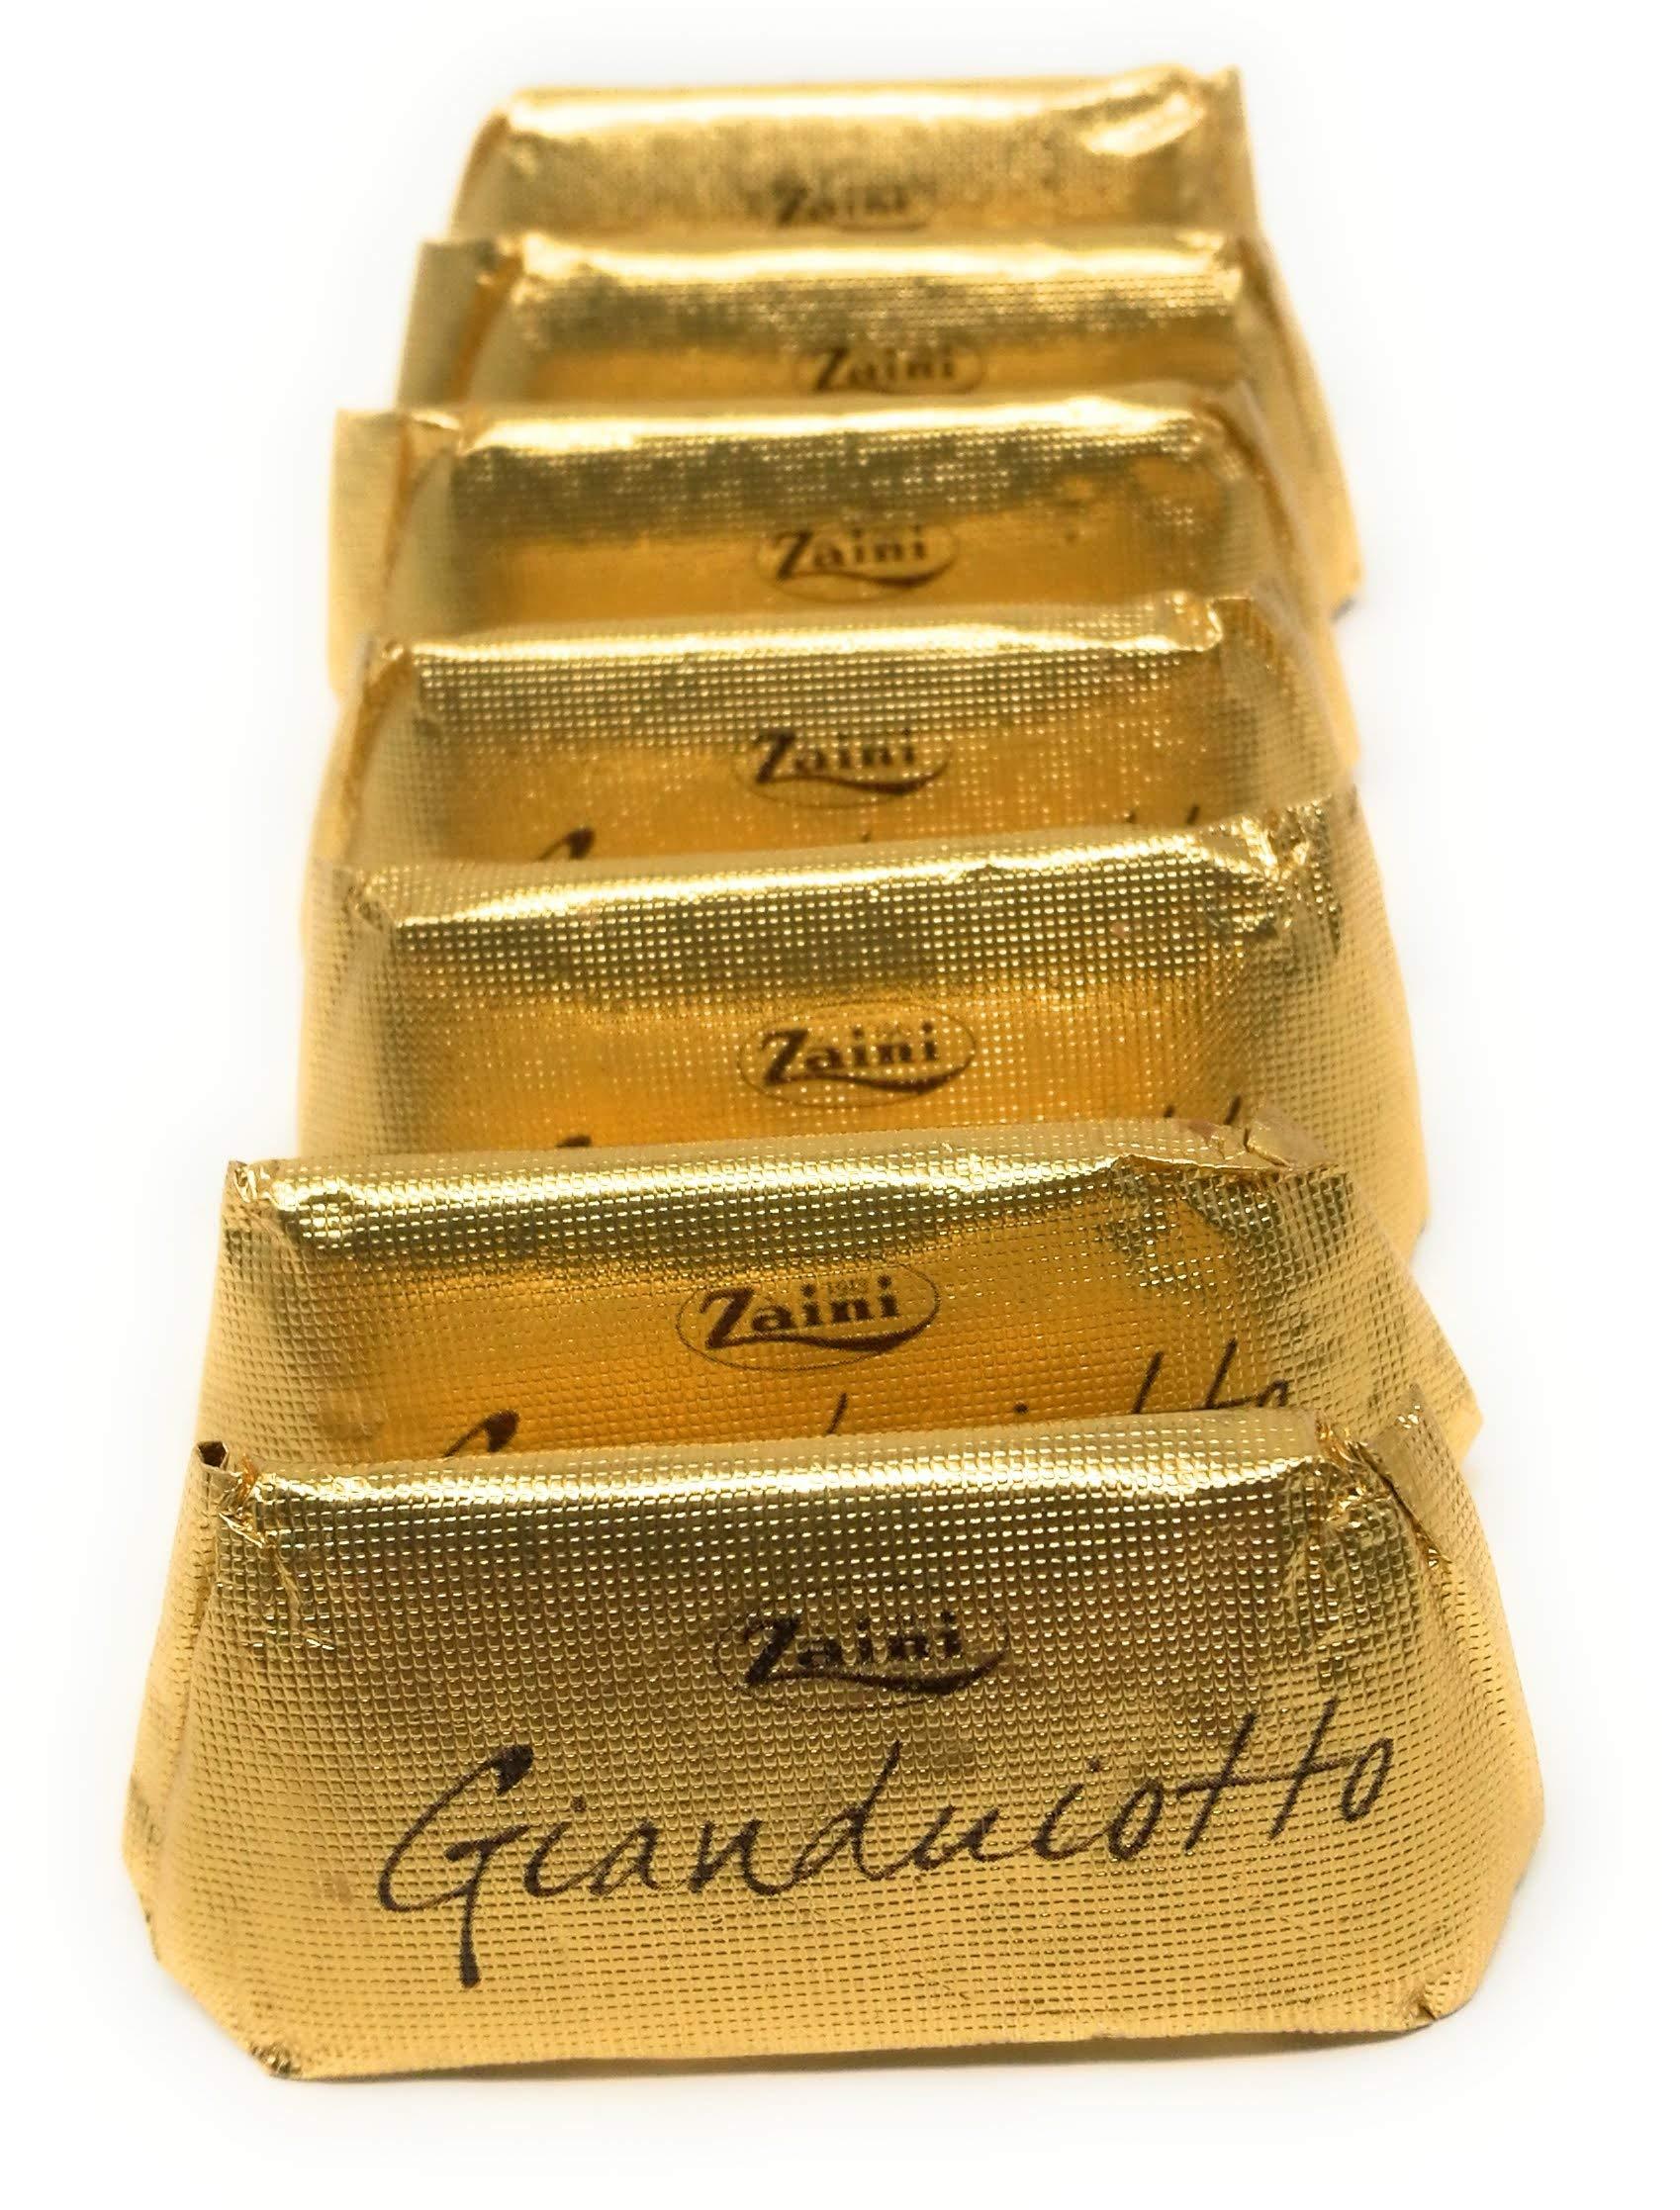 Zaini, Gianduiotto piedmontese Hazelnut Chocolate In Classic Gold Foil (100 pcs) by Zaini